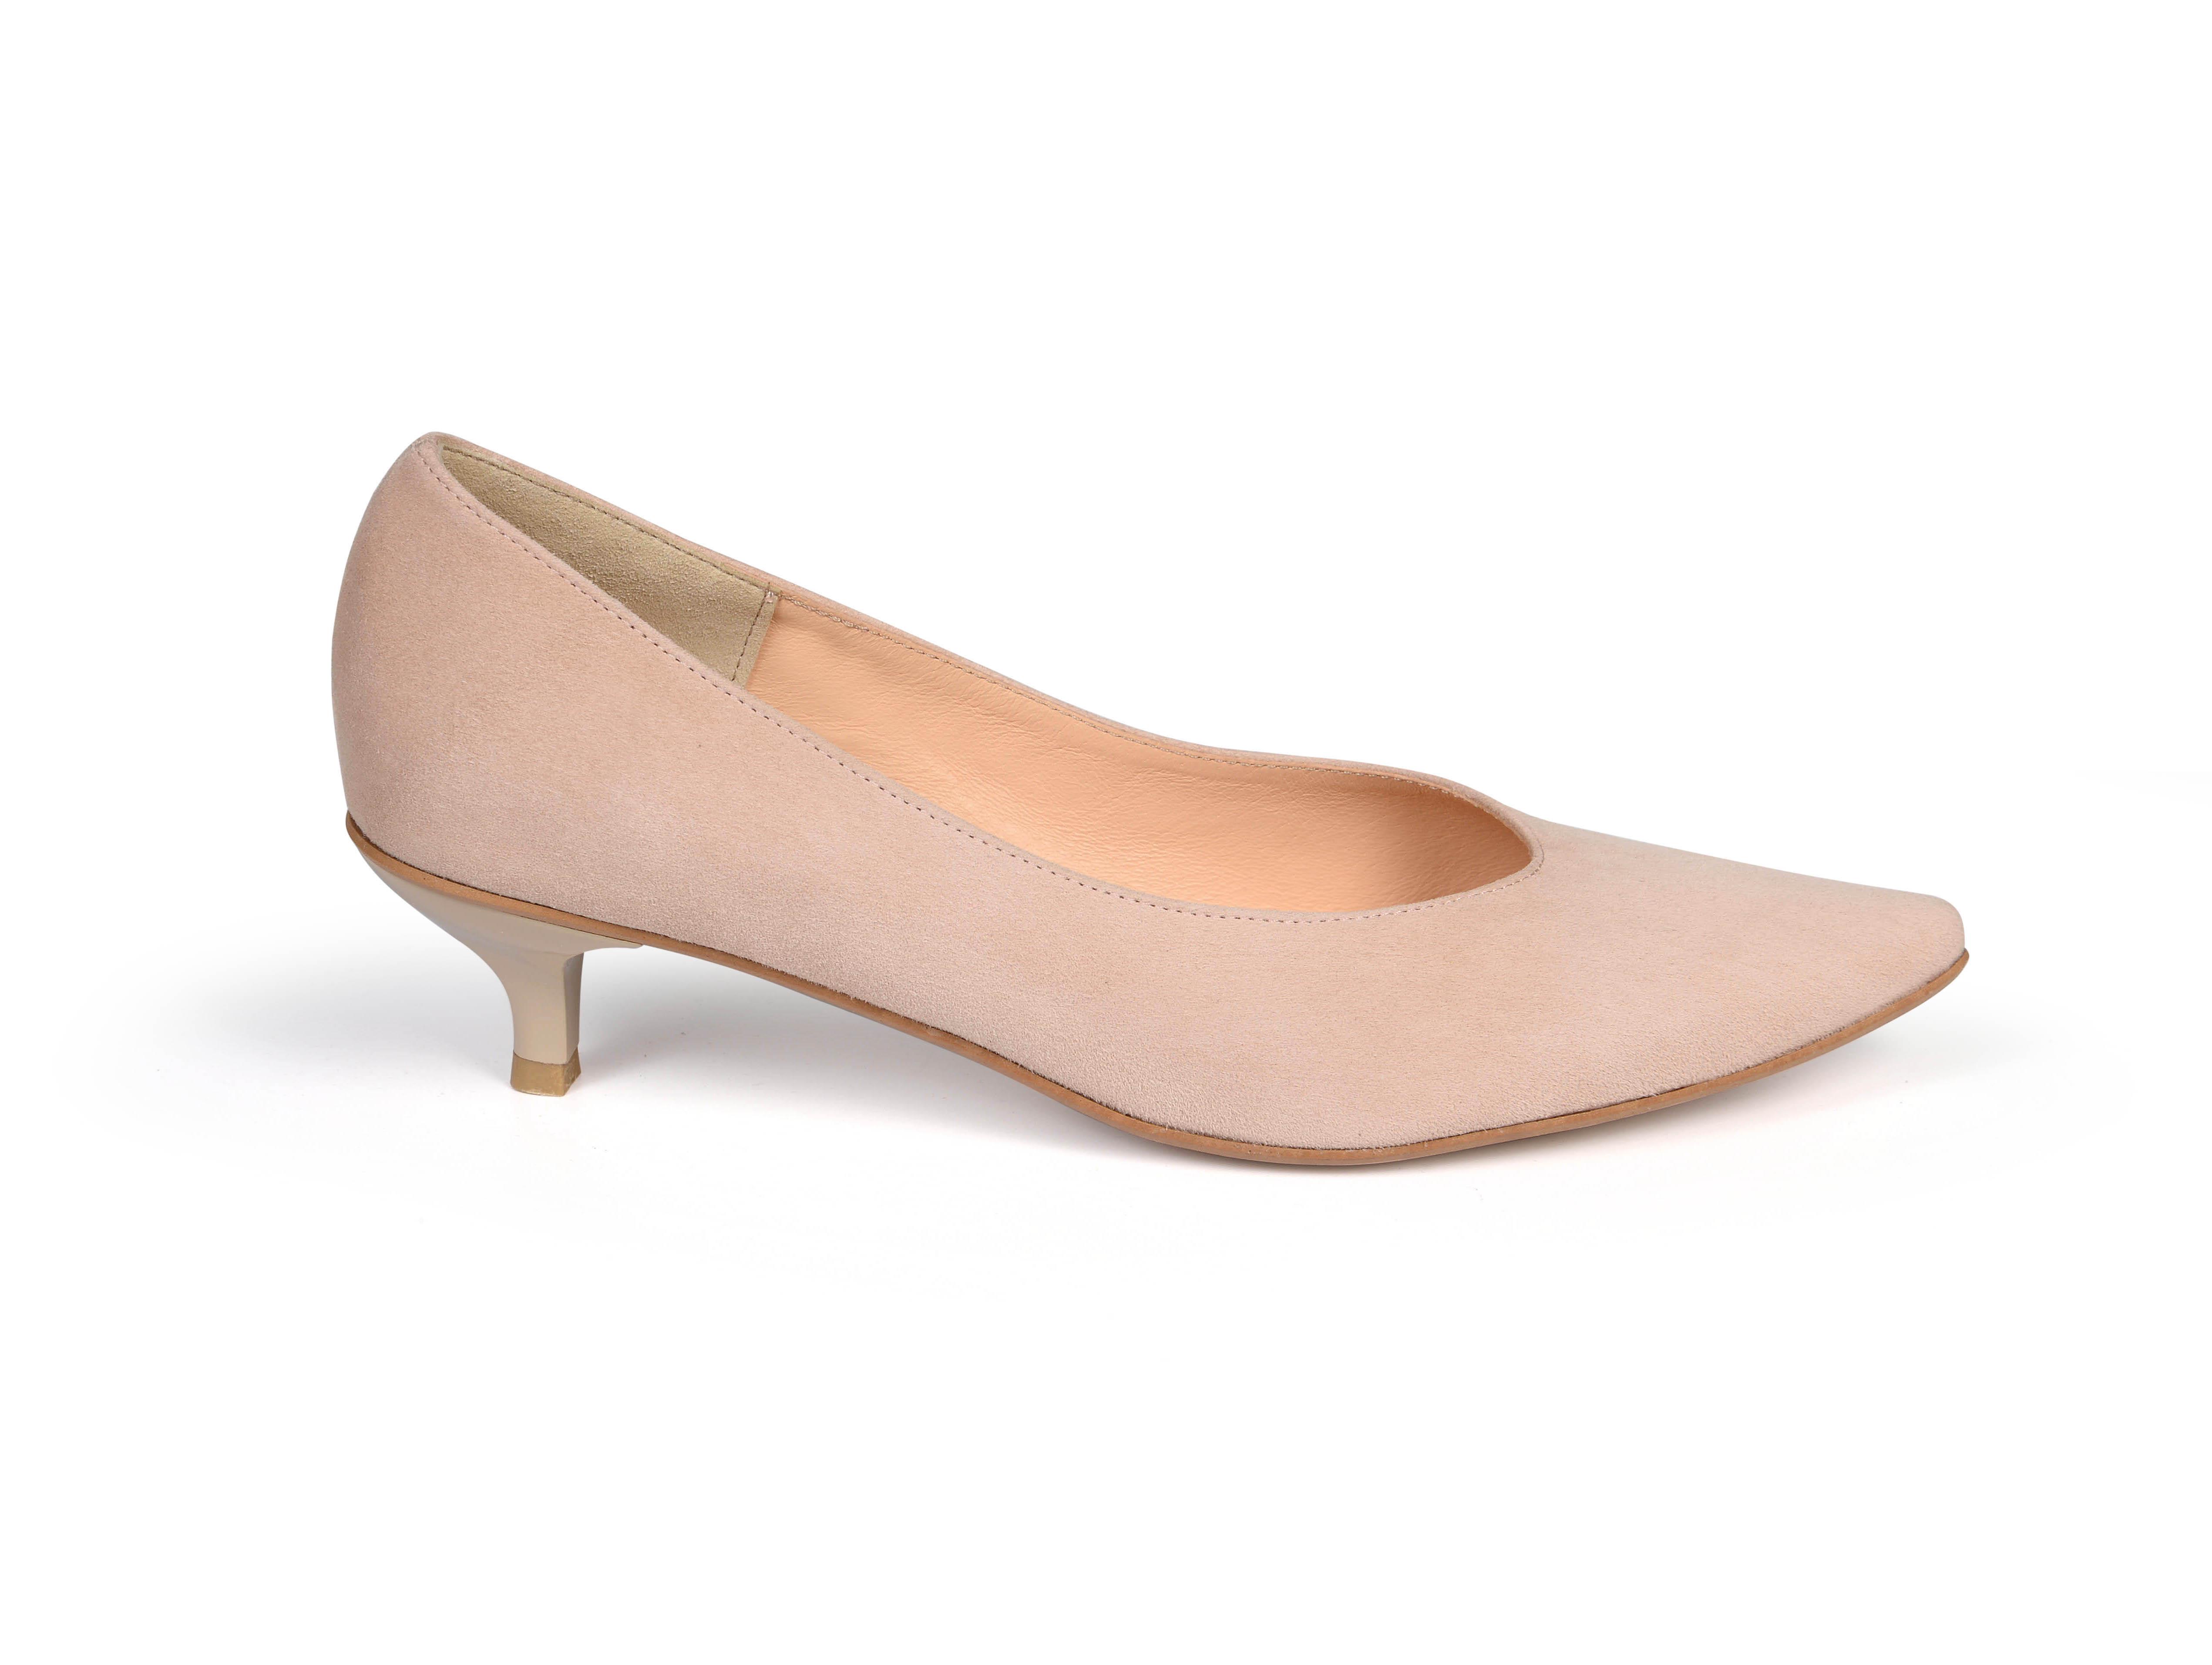 Kiki S pointed toe kitten heels - nude pink suede